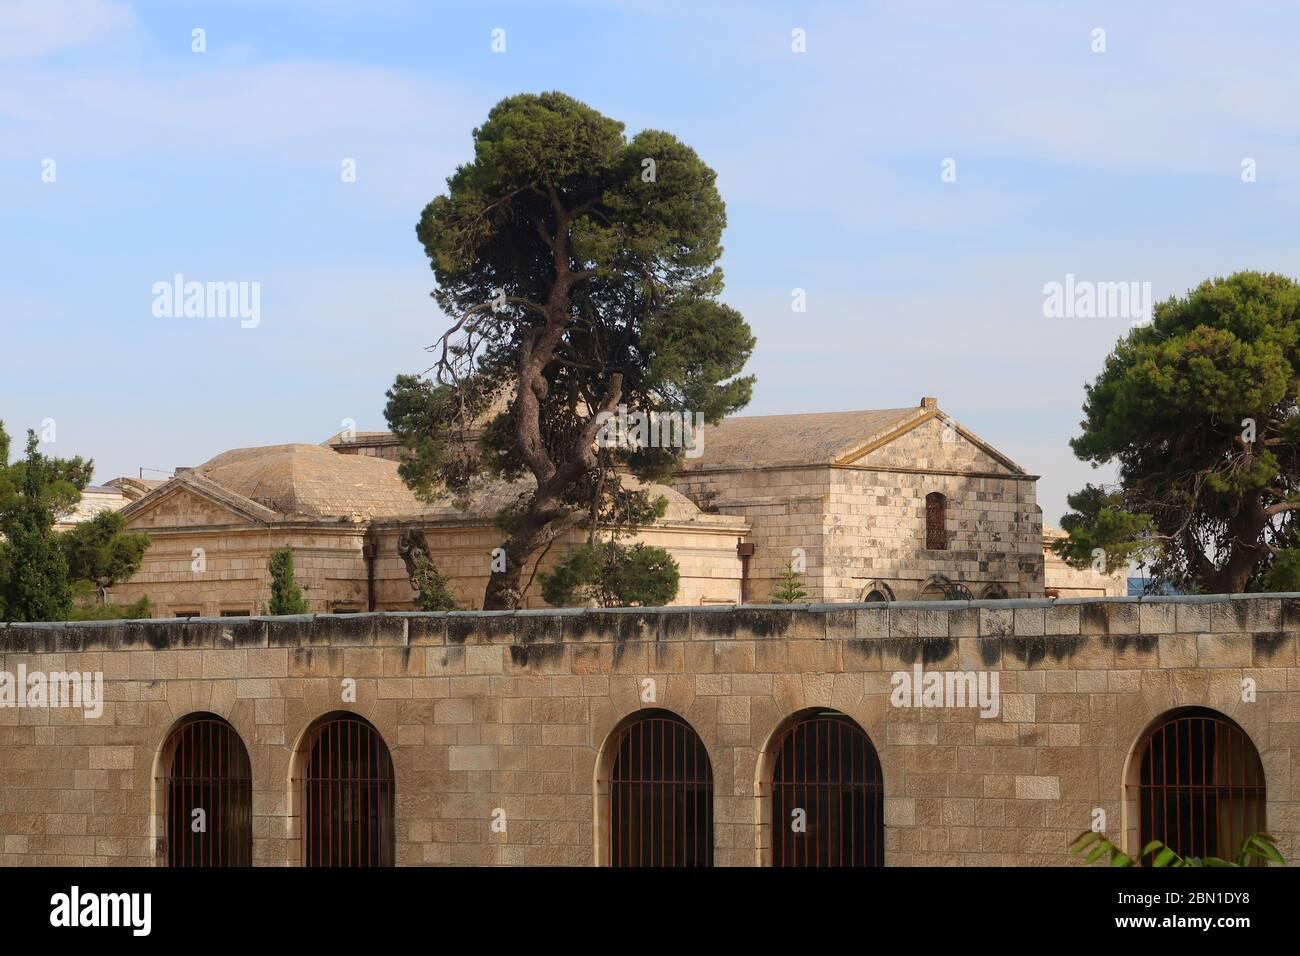 Avis de Deir Al Zeitoun, l'Église des Saints-archanges et le Patriarcat Arménien complexe dans le quartier arménien vieille ville Jérusalem Israël Banque D'Images